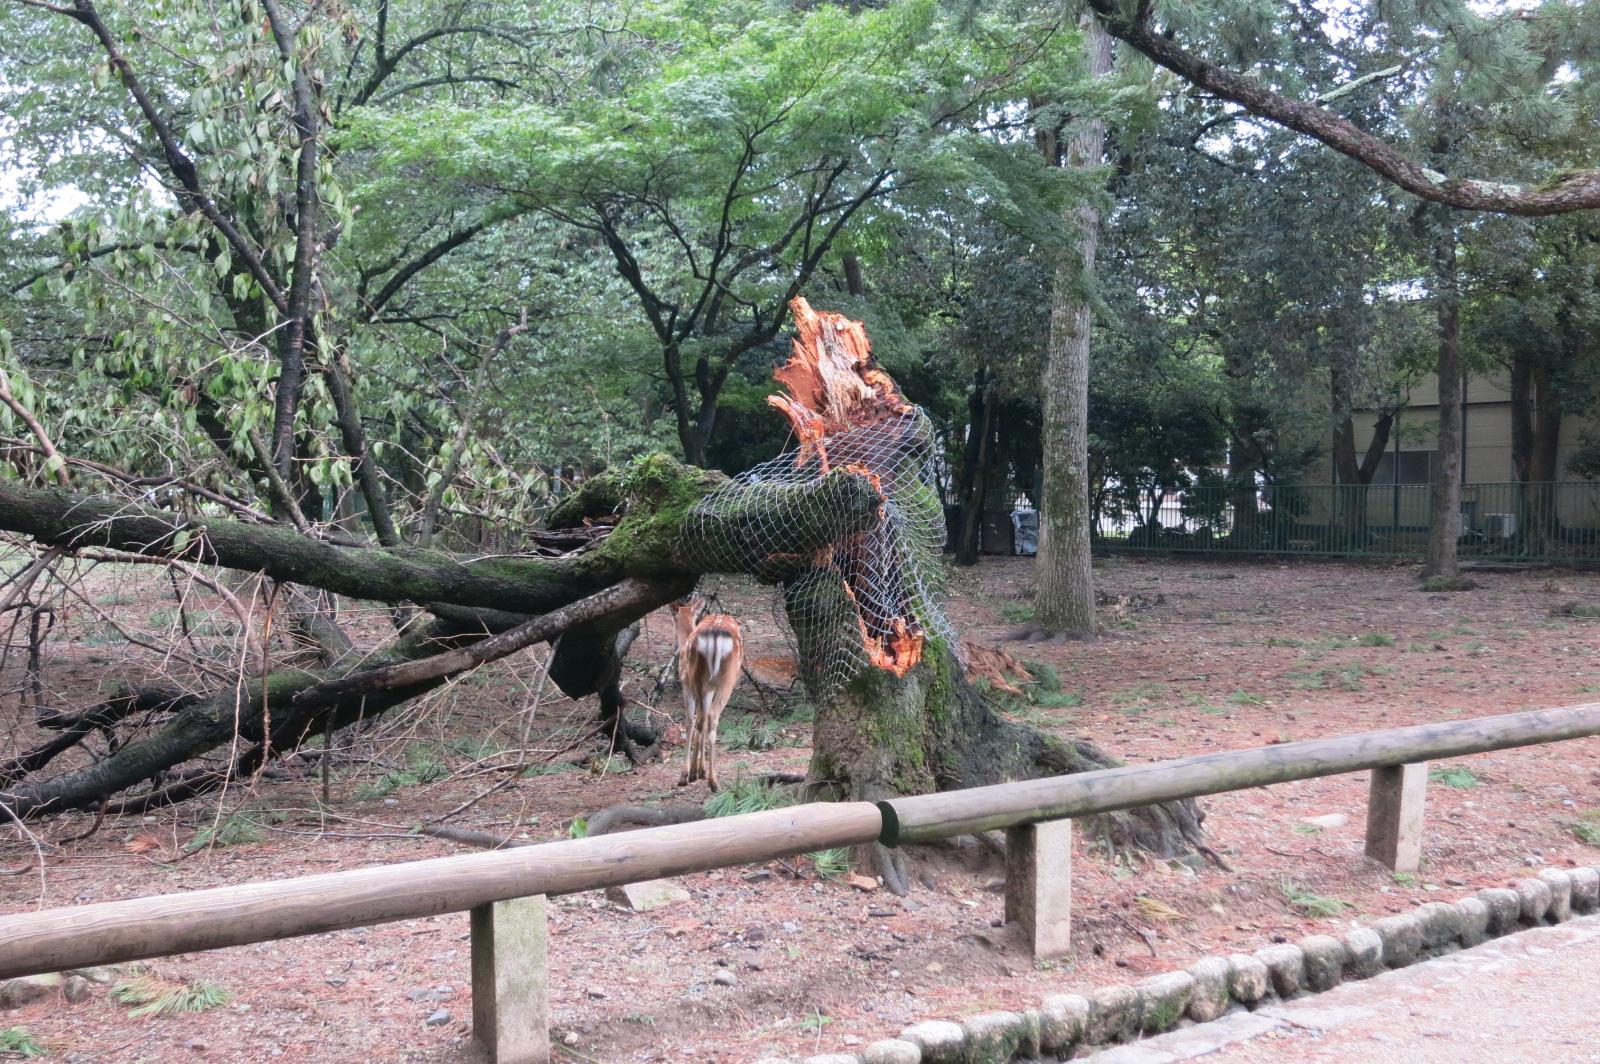 奈良公園では、先日の台風で折れてしまったと思われる木々たちの姿がありました。すごい威力…